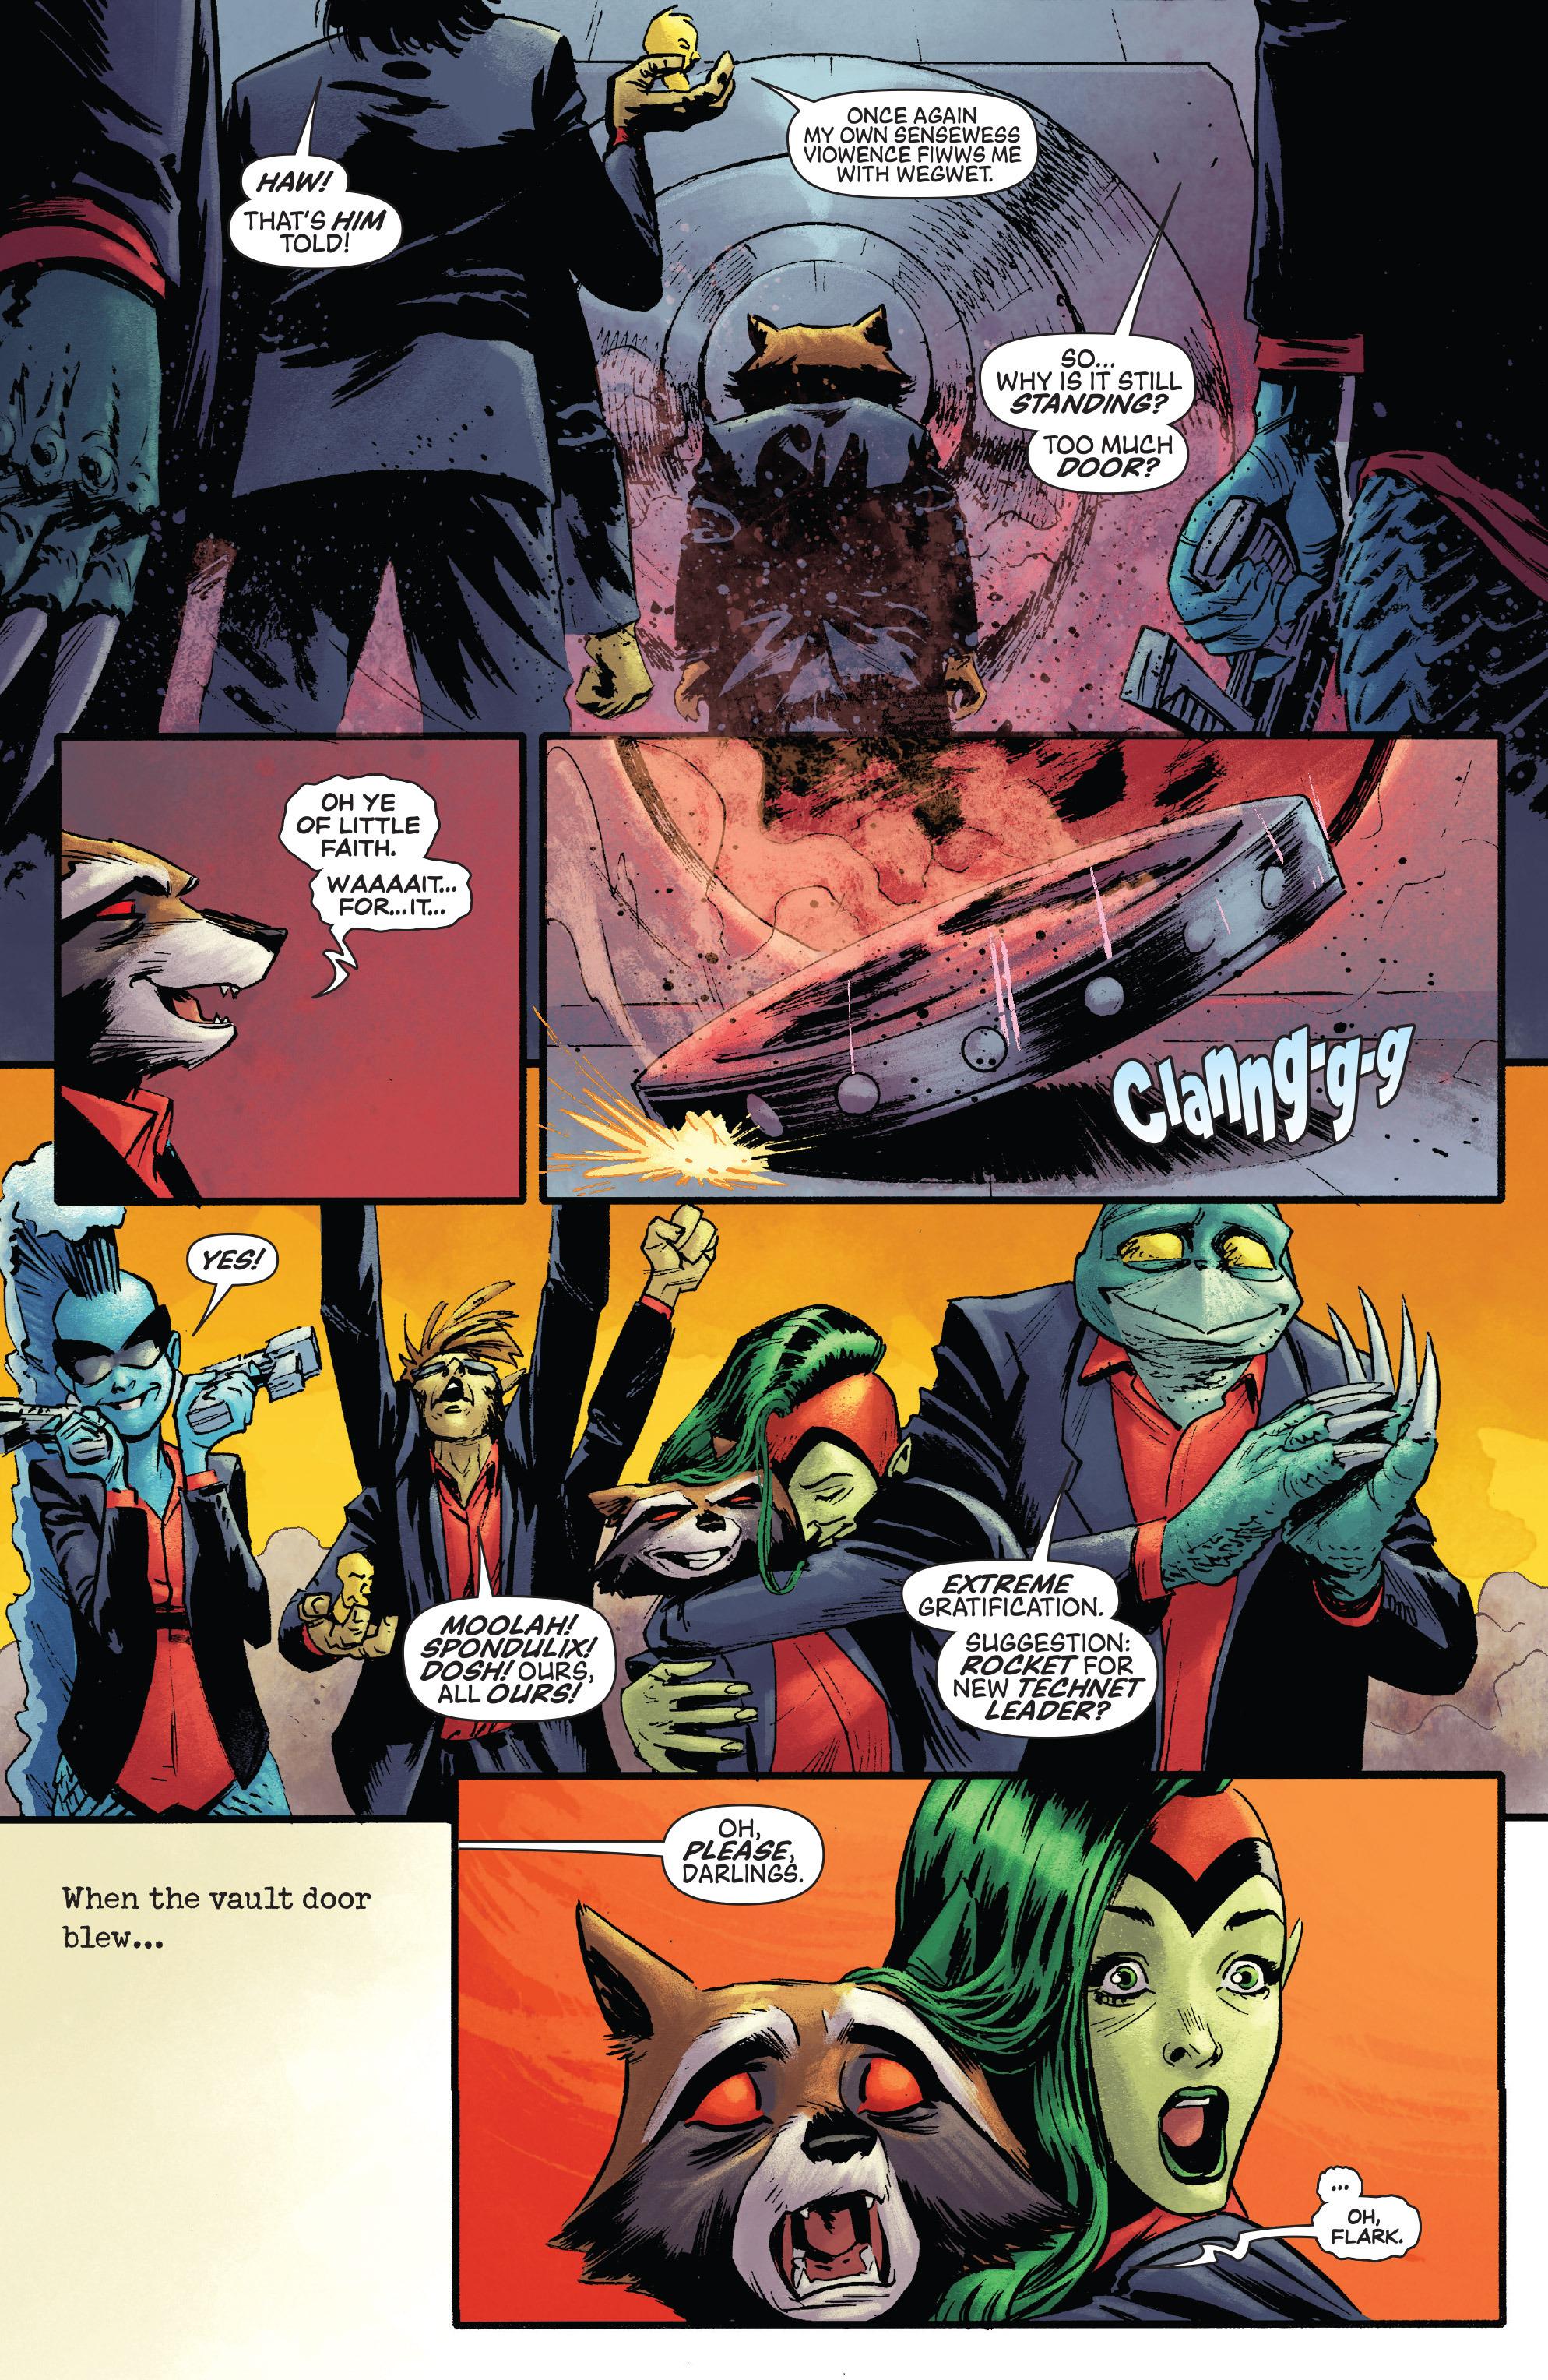 Read online Rocket comic -  Issue #1 - 21